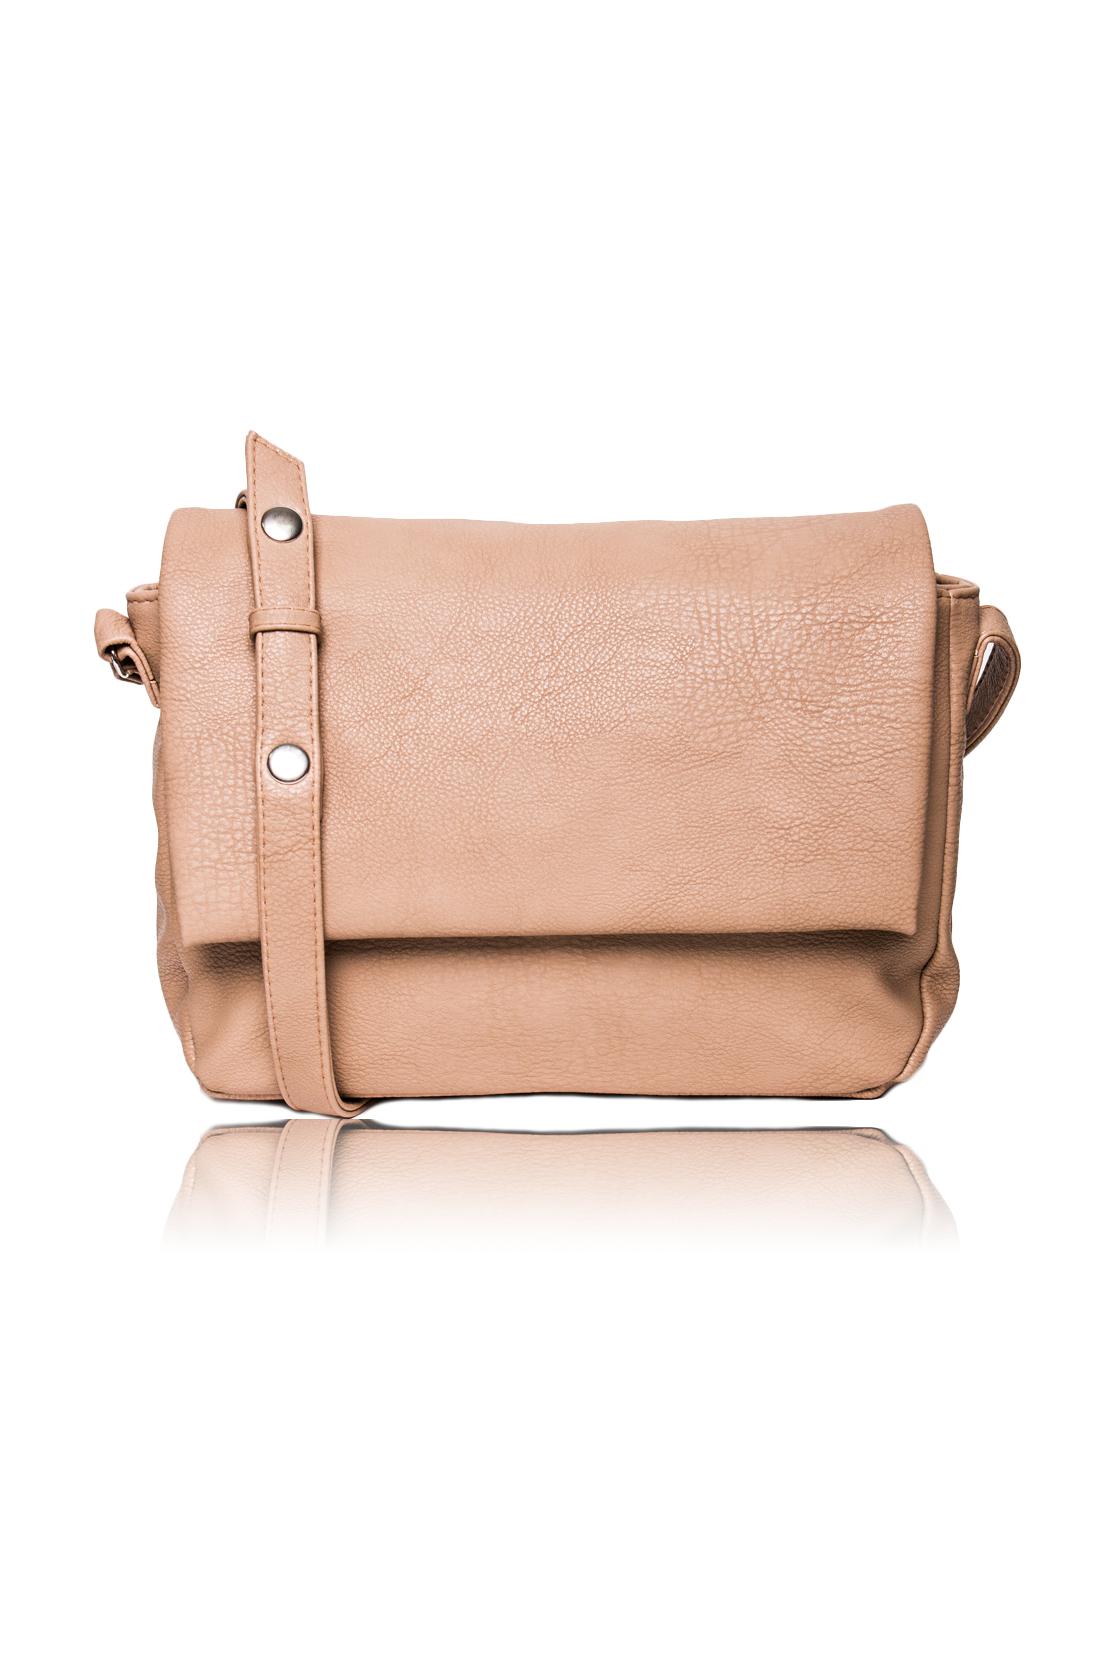 СумкаКлассические<br>Женские сумки бренда DINESSI - это стильные аксессуары, которые по достоинству оценят представительницы прекрасного пола.  Сумка с откидным клапаном и застежкой на молнию и магнит. В клапане и на задней части сумки карманы на молнии. Внутри два накладных кармана и карман на молнии. Длинная лямка с регулировкой на кнопках.   Цвет: бежевый.  Размеры: Длина - 31 ± 1 см Высота - 22 ± 1 см Глубина - 11 ± 1 см<br><br>Отделения: 2 отделения<br>По материалу: Искусственная кожа<br>По рисунку: Однотонные<br>По силуэту стенок: Прямоугольные<br>По способу ношения: В руках,На плечо,Через плечо<br>По степени жесткости: Мягкие<br>По типу застежки: На магните,С застежкой молнией<br>По элементам: Карман на молнии,Карман под телефон<br>Ручки: Длинные<br>Размер : UNI<br>Материал: Искусственная кожа<br>Количество в наличии: 2